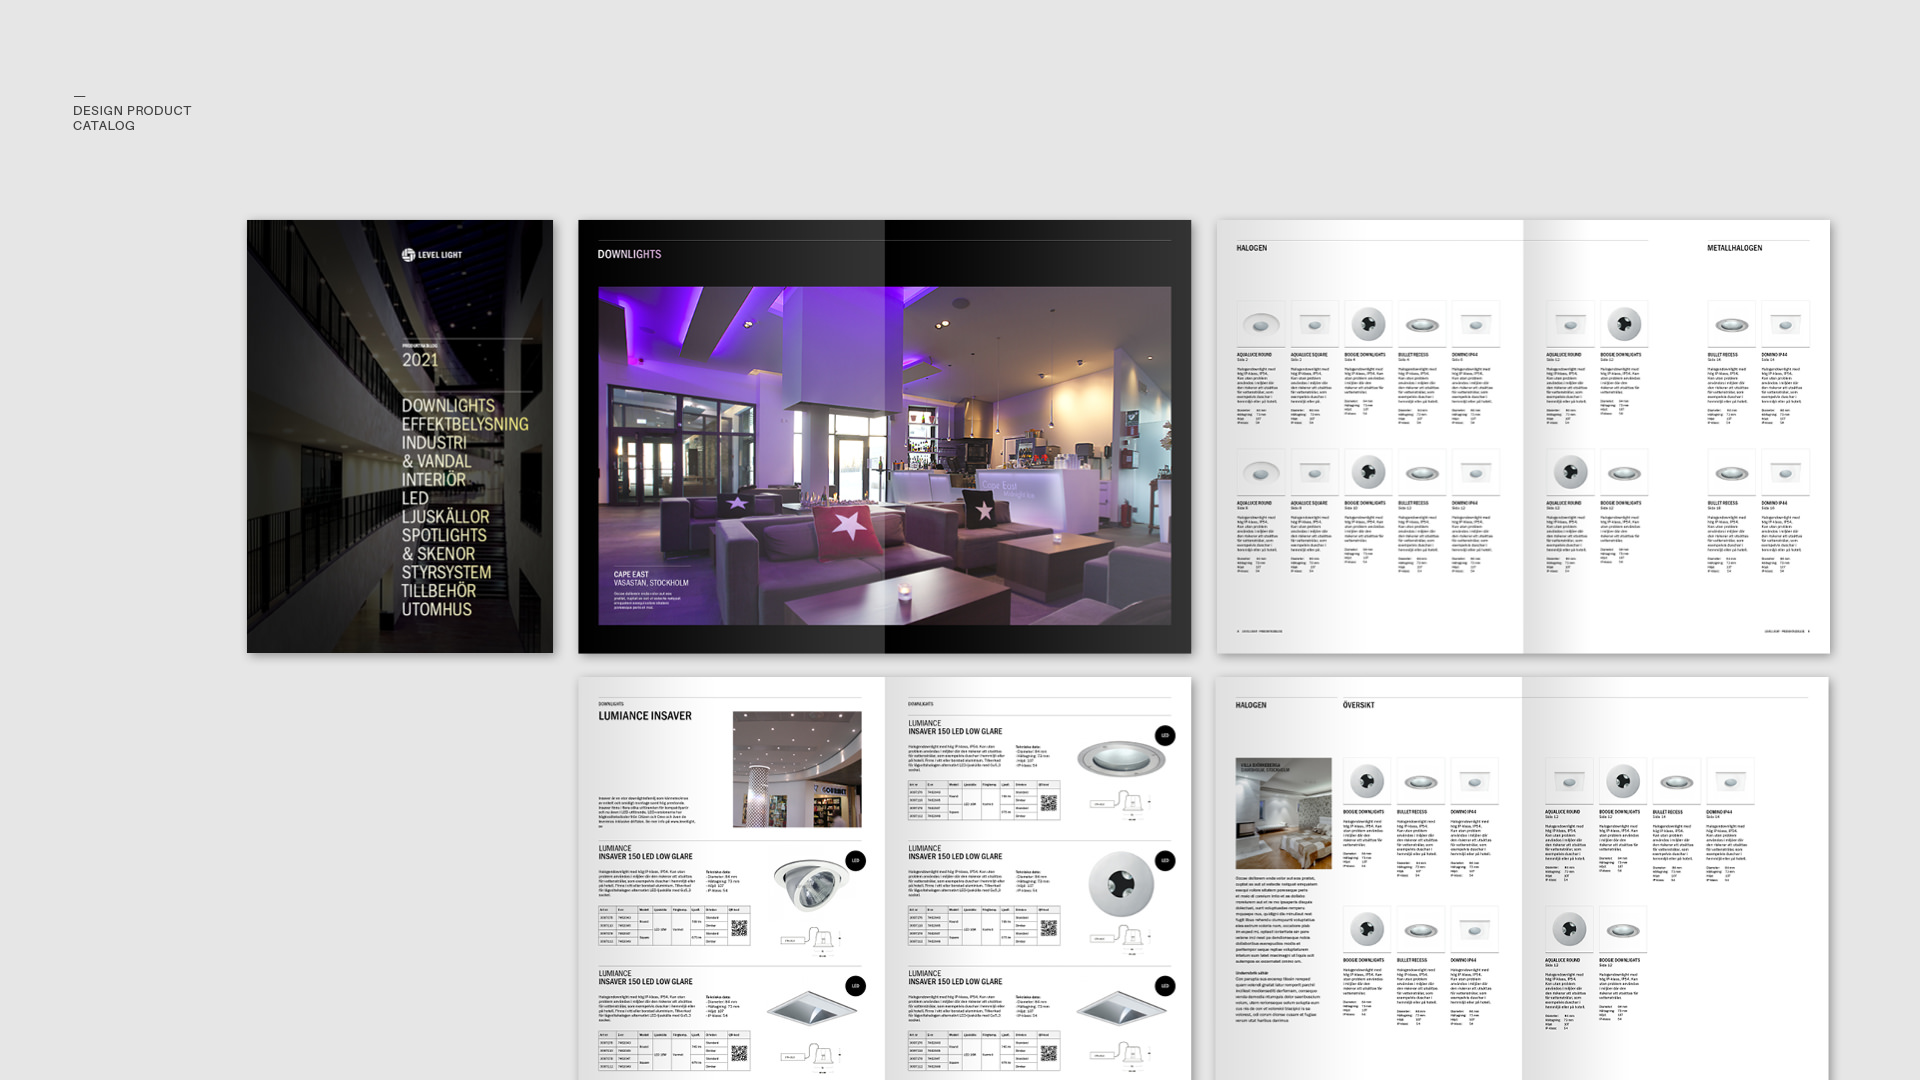 levellight-logotype-product-catalogue